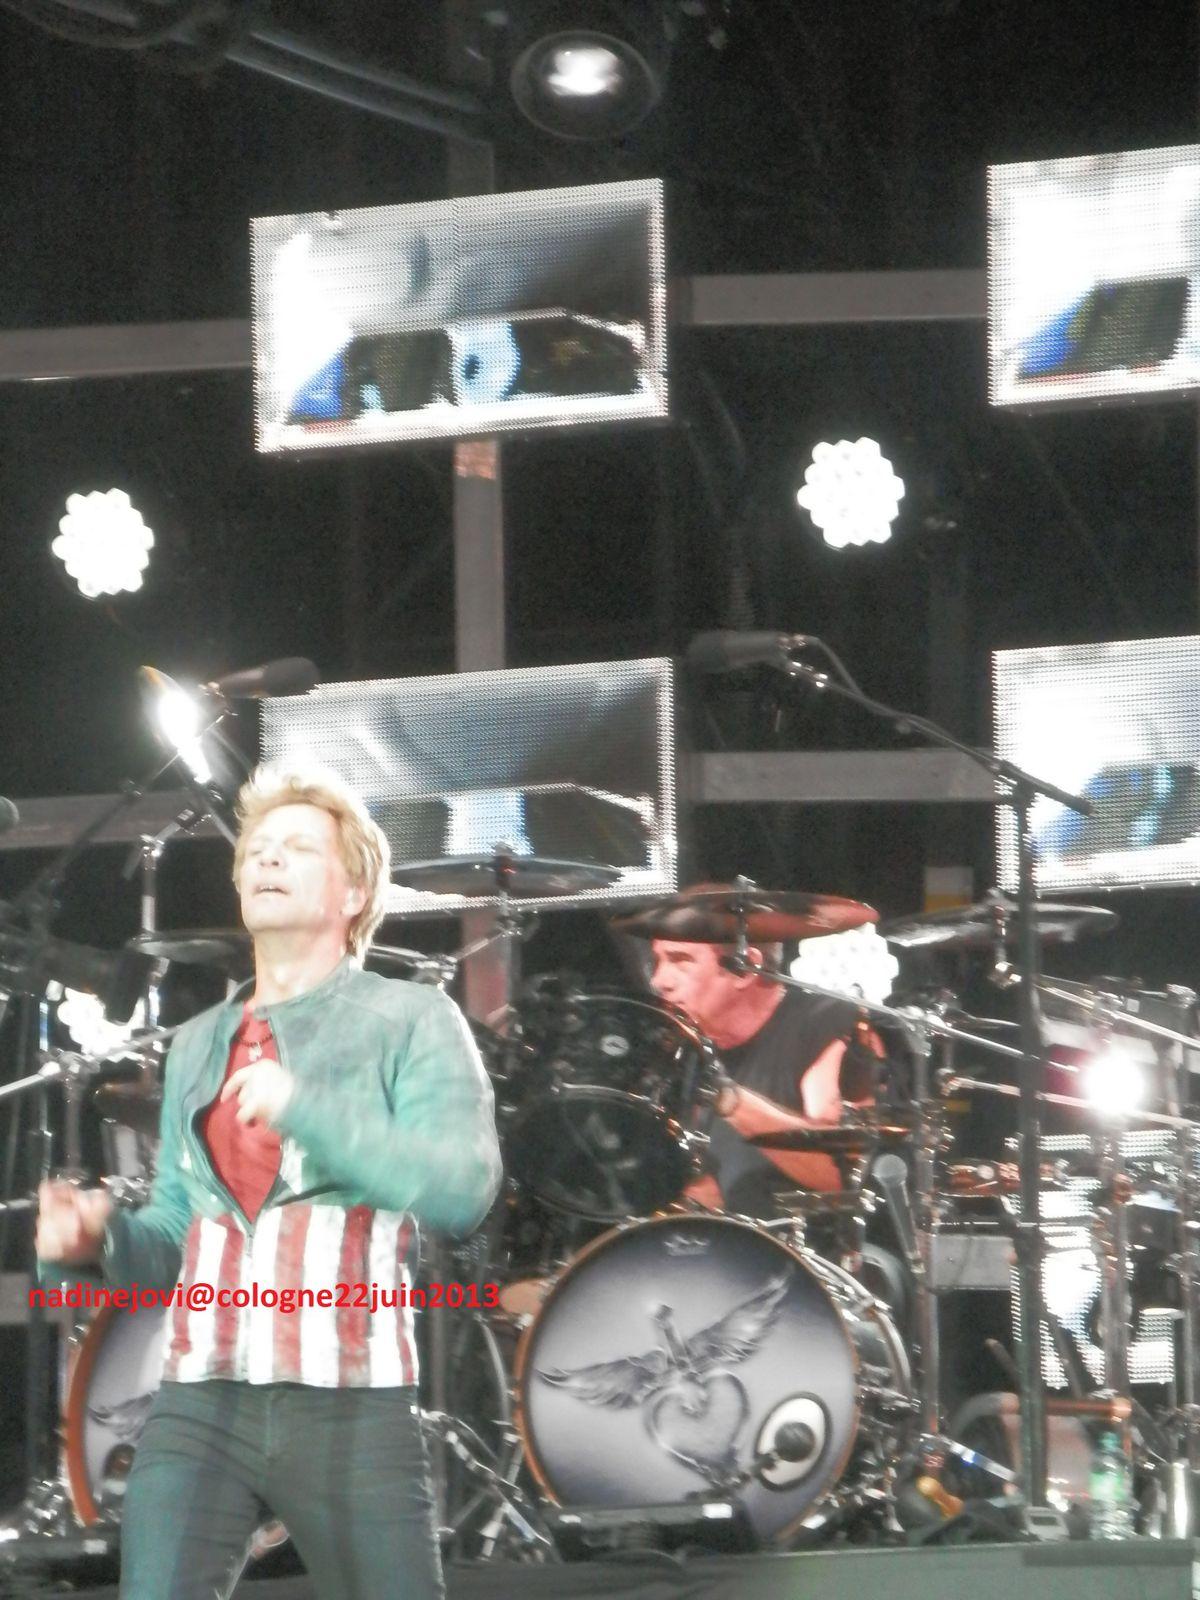 Album photos Cologne 22 juin 2013